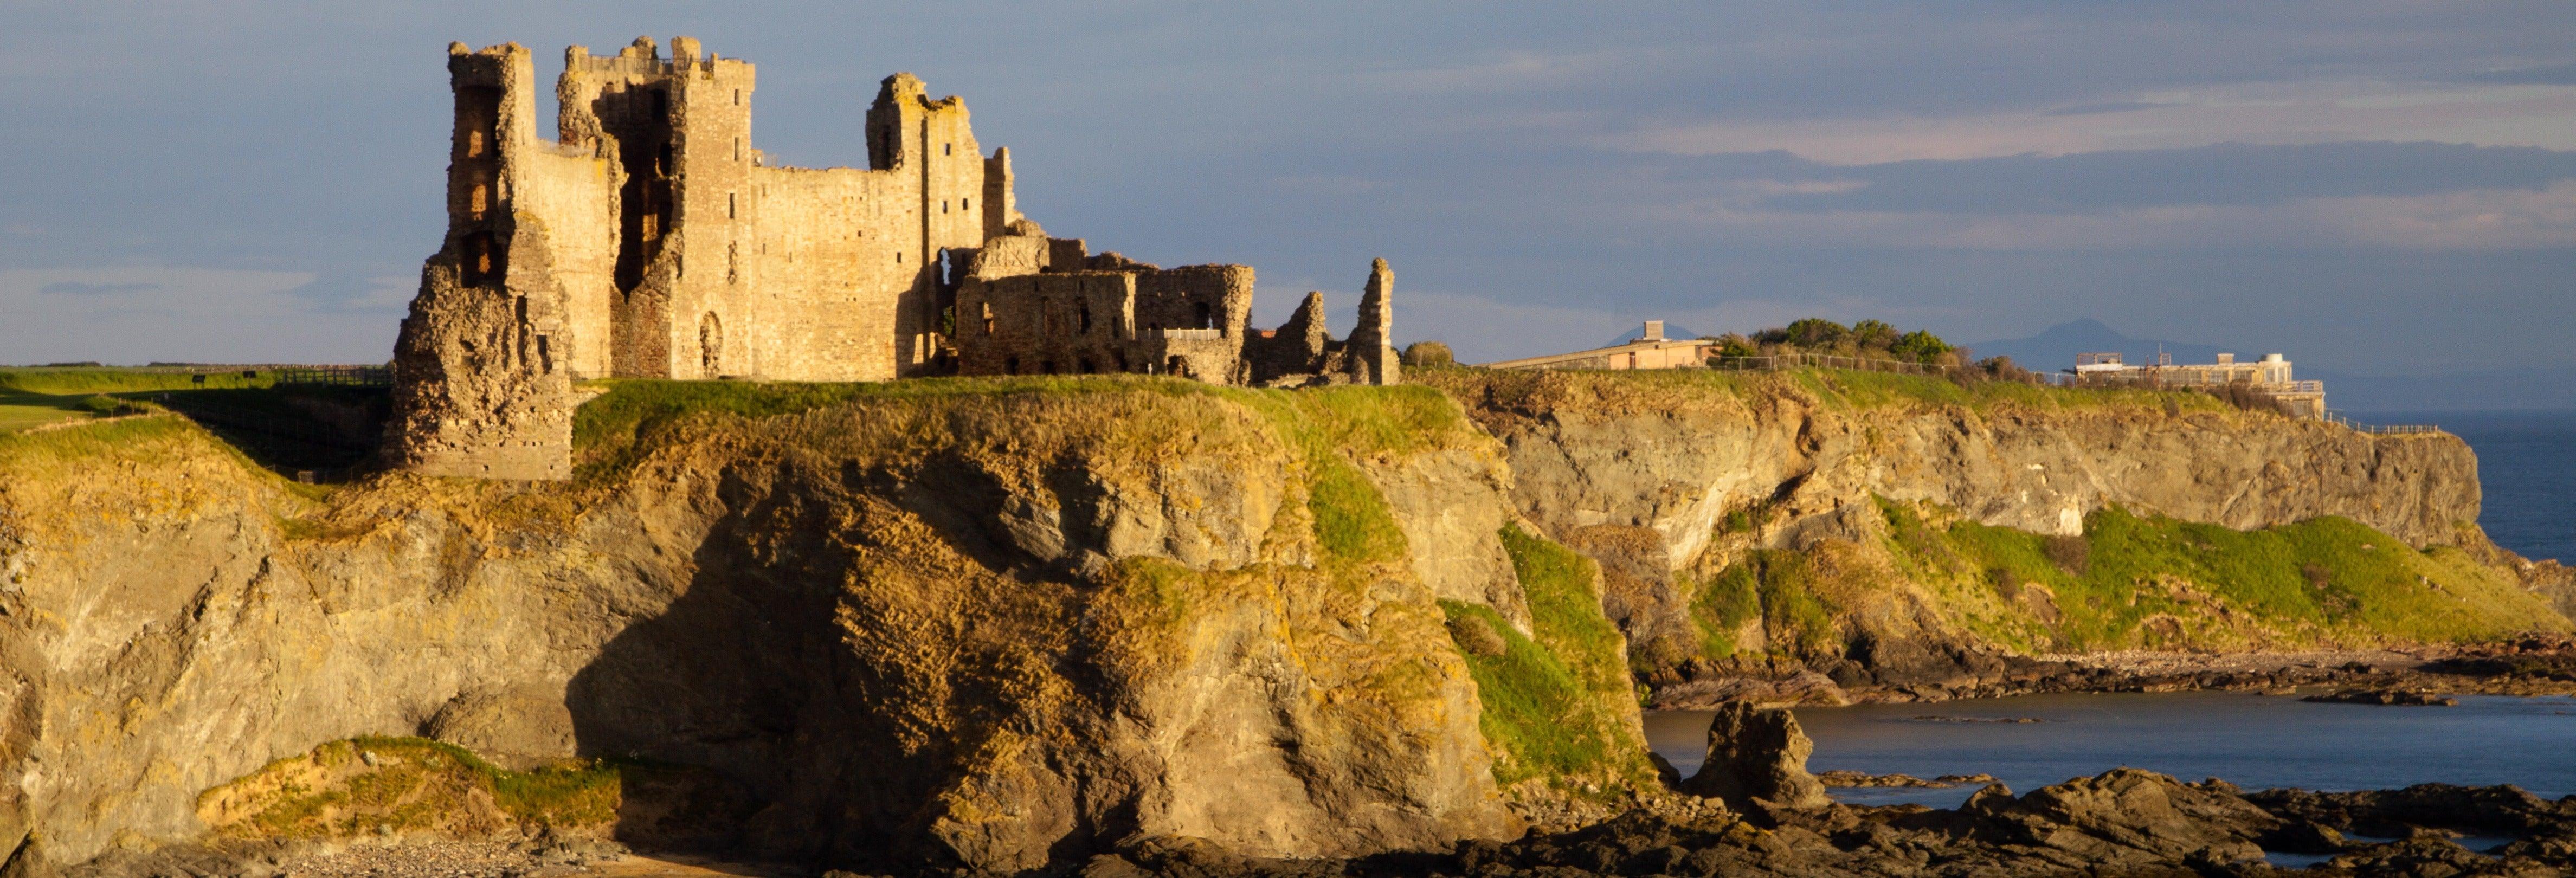 Excursión a los castillos de North Berwick